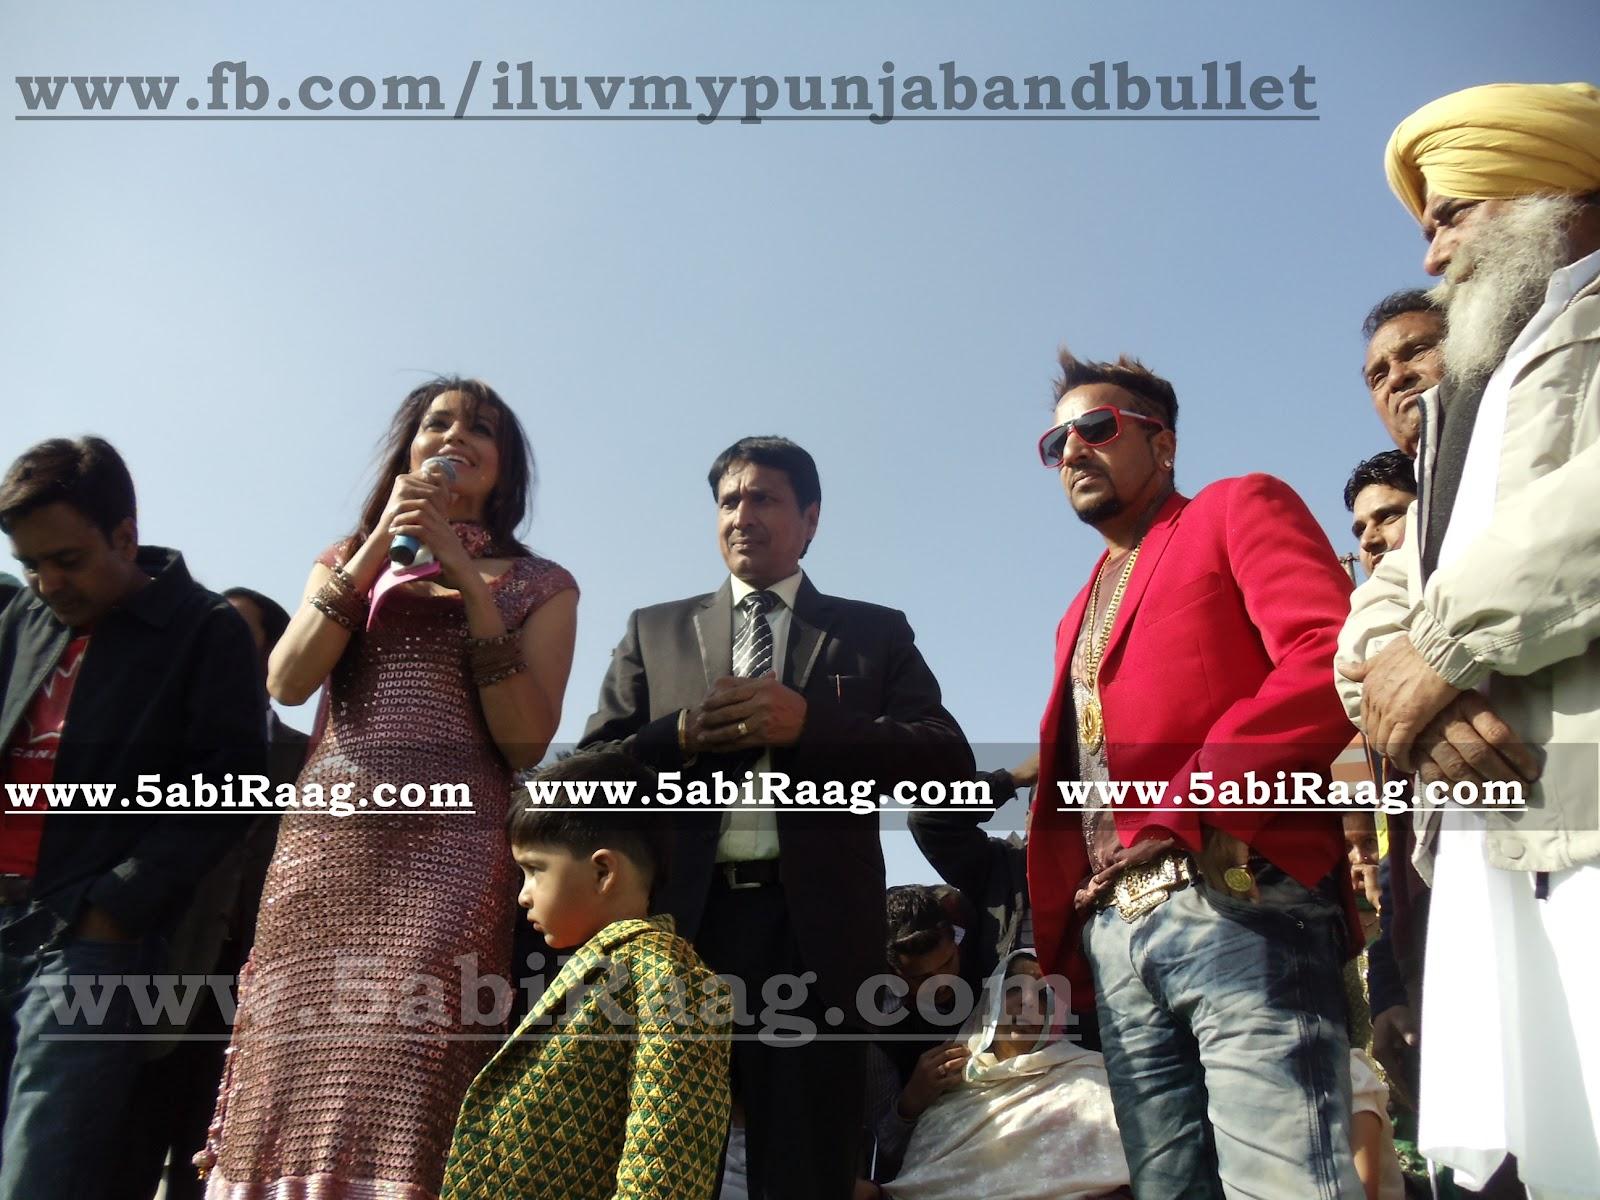 Punjabi Zone,Punjabi Music,mp3 Songs,Videos,Hindi Movies,Hindi Music,5abi zone: Download free ...